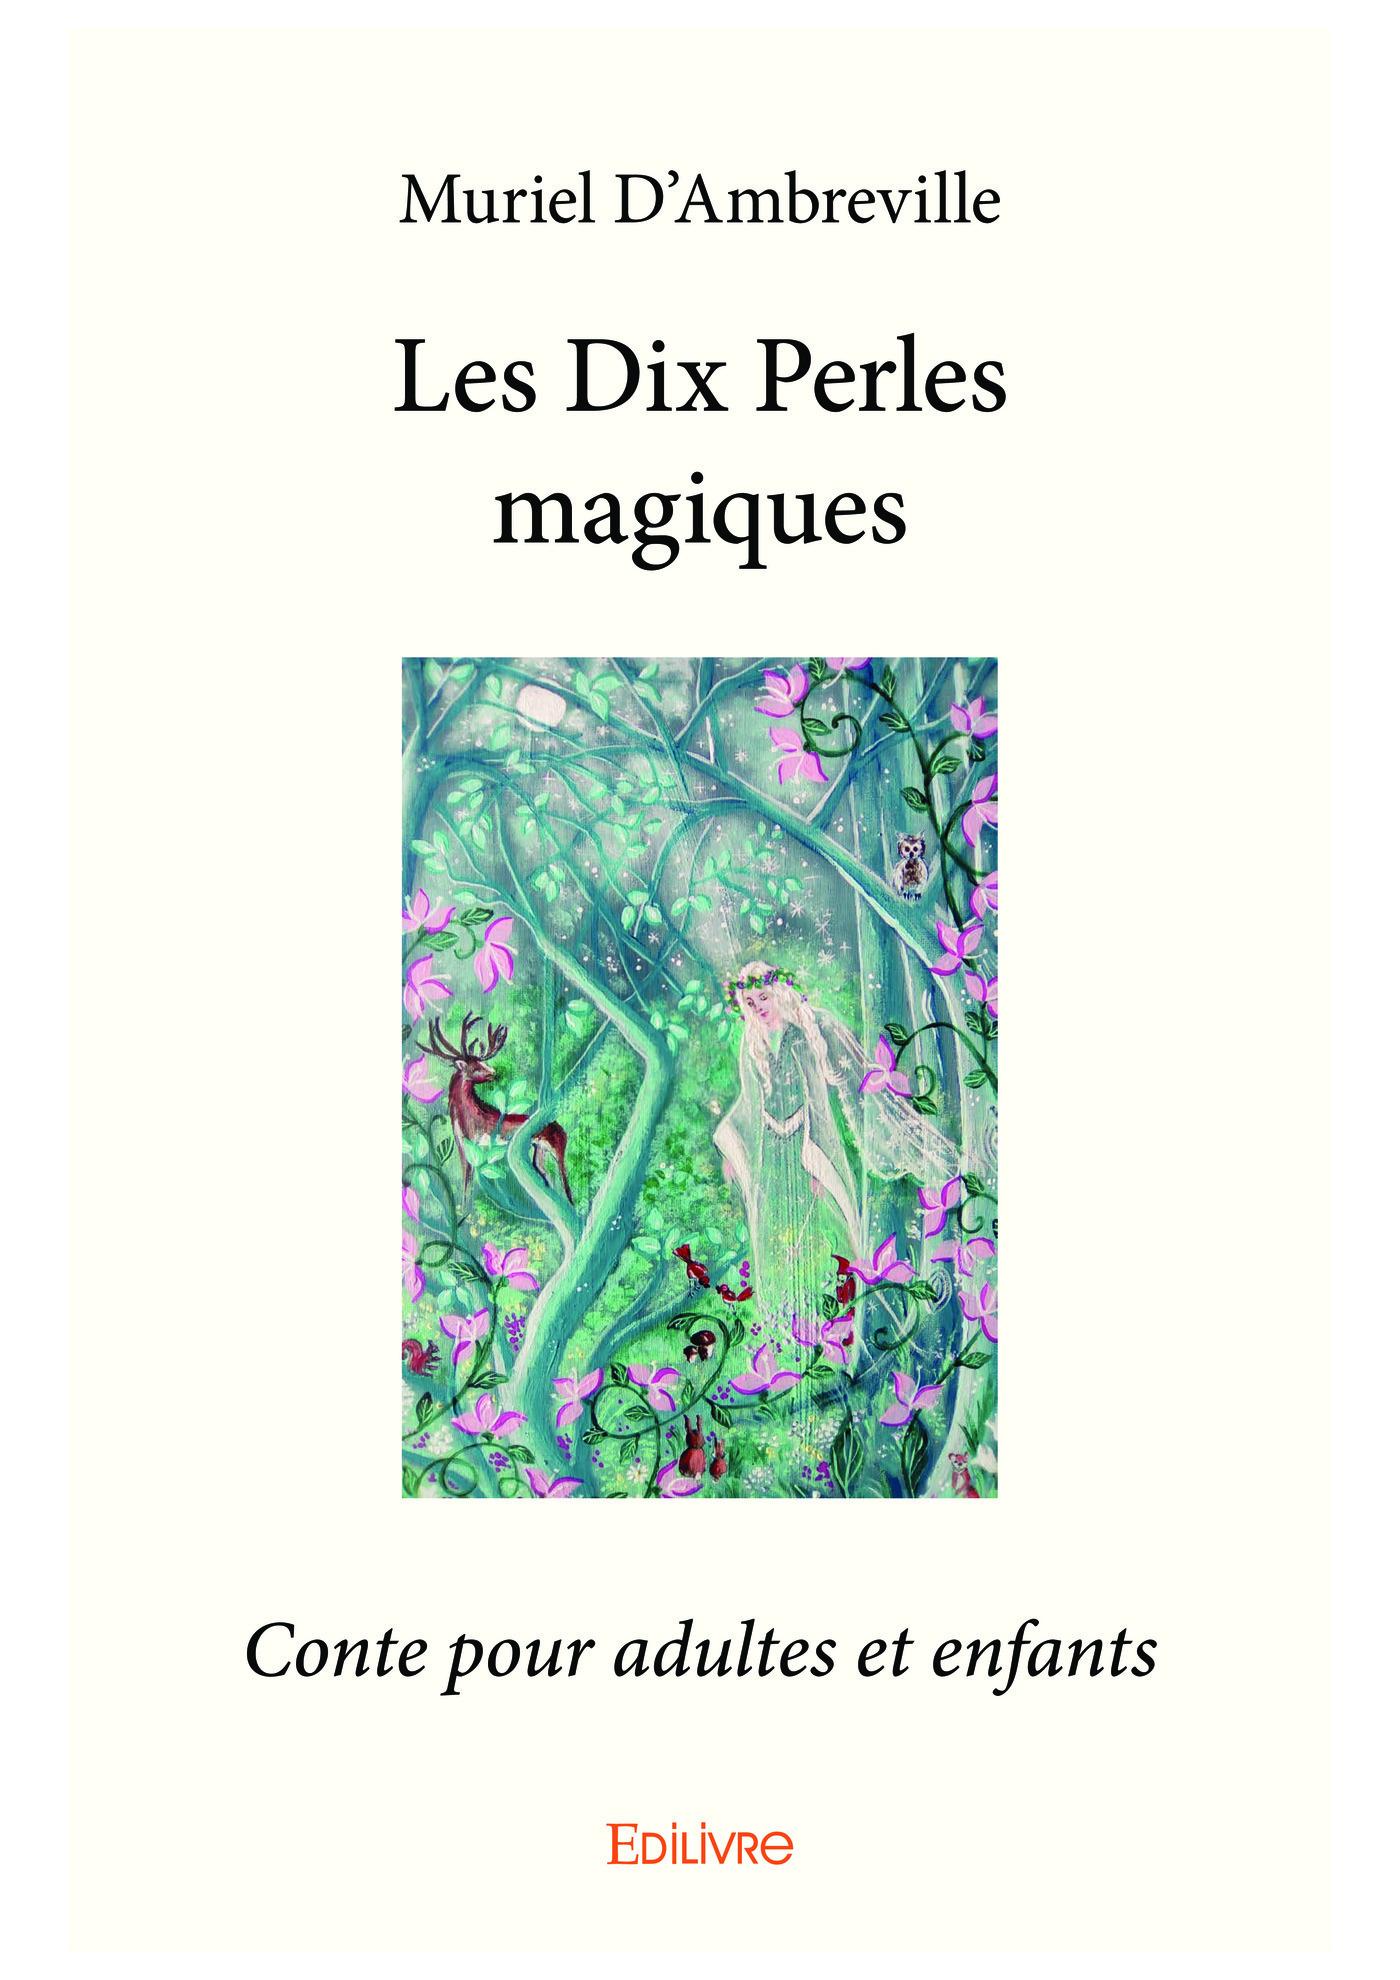 Les Dix Perles magiques